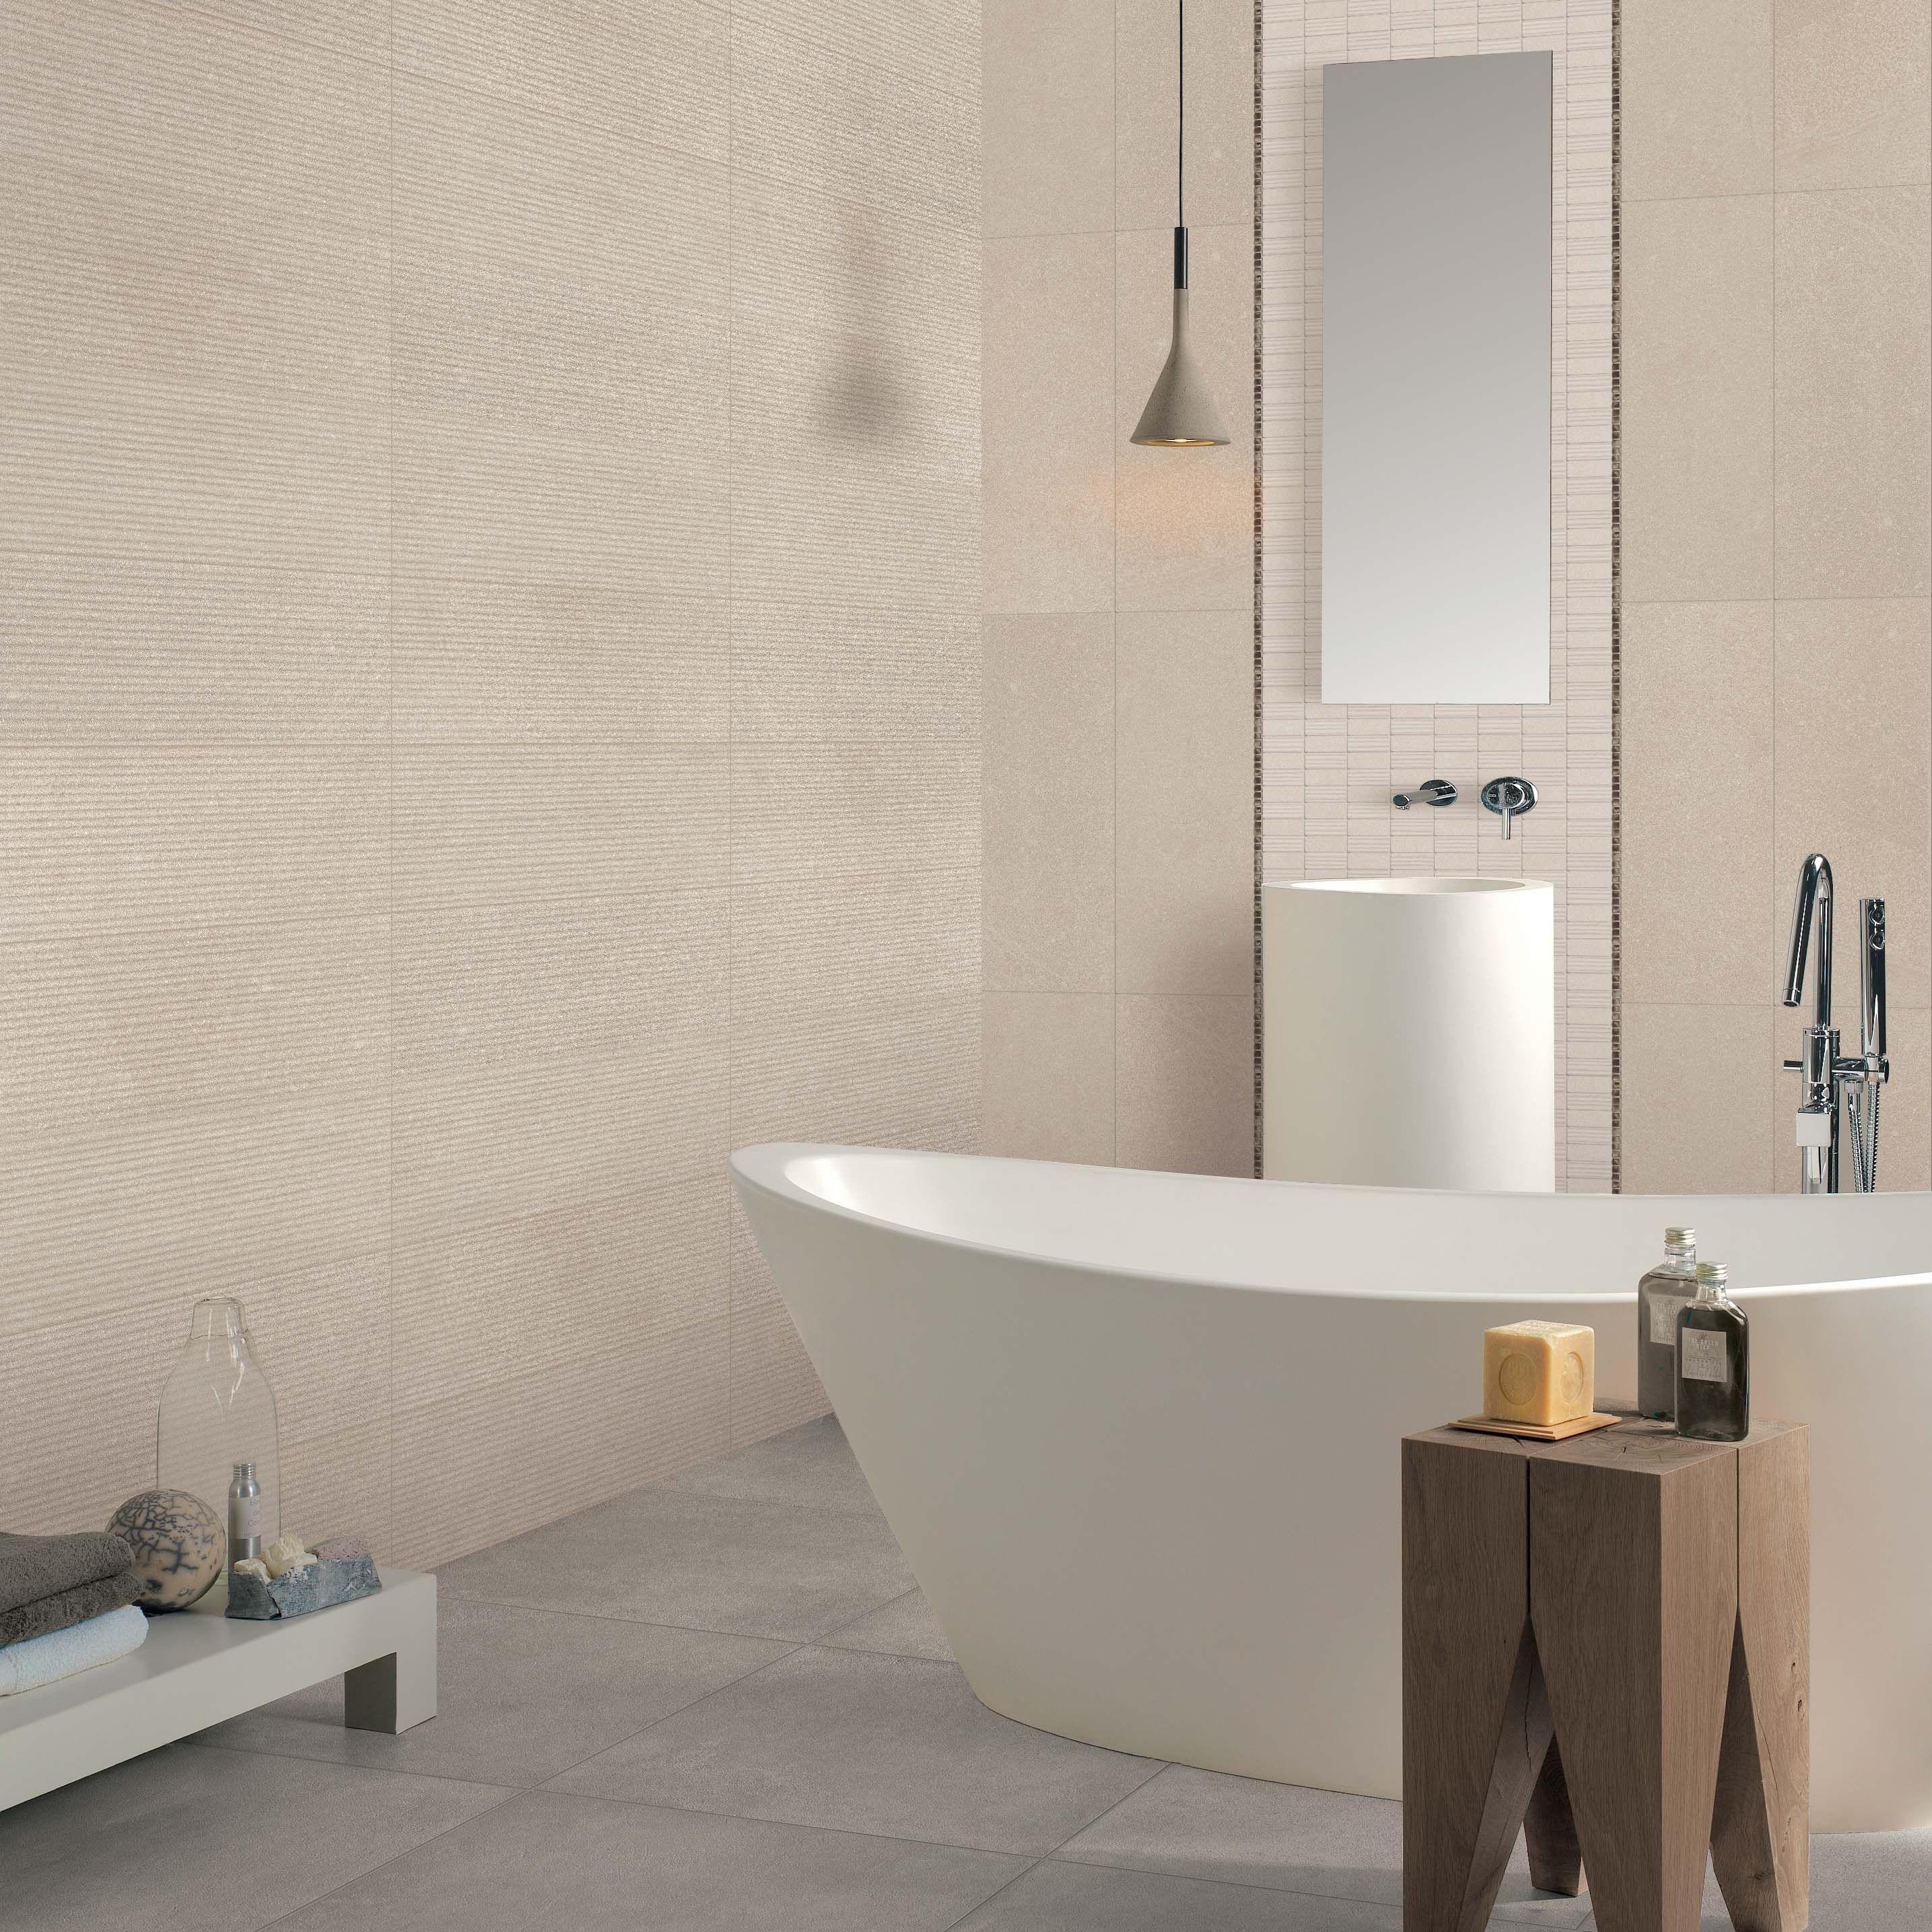 Carrelage Salle De Bain Fleuri ~ une salle de bain chaleureuse et lumineuse c est l image que